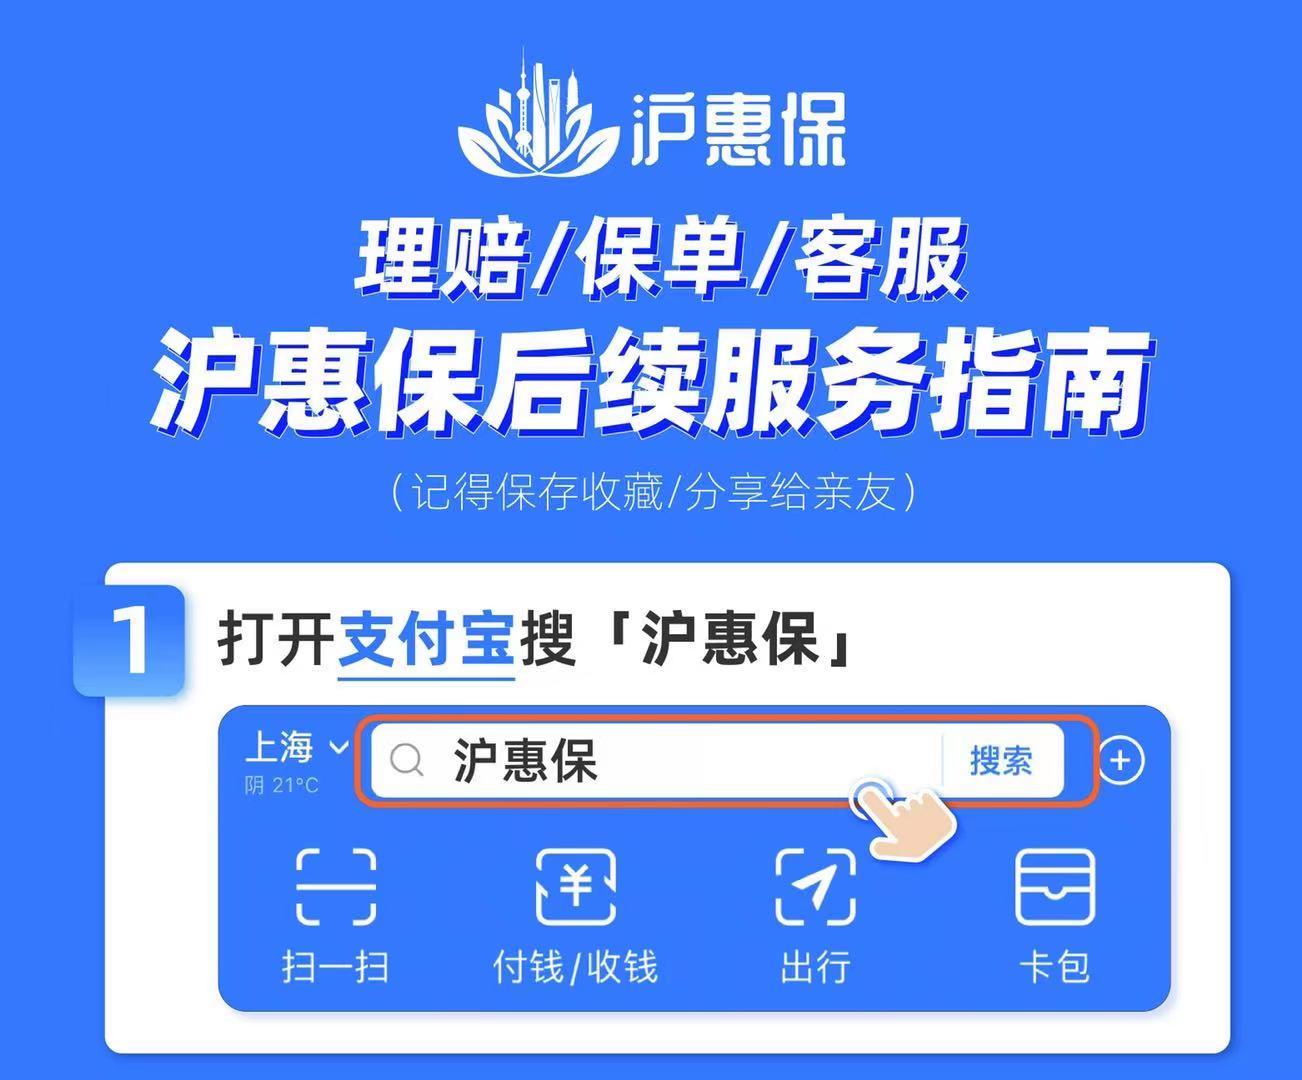 上海超600万人参与沪惠保